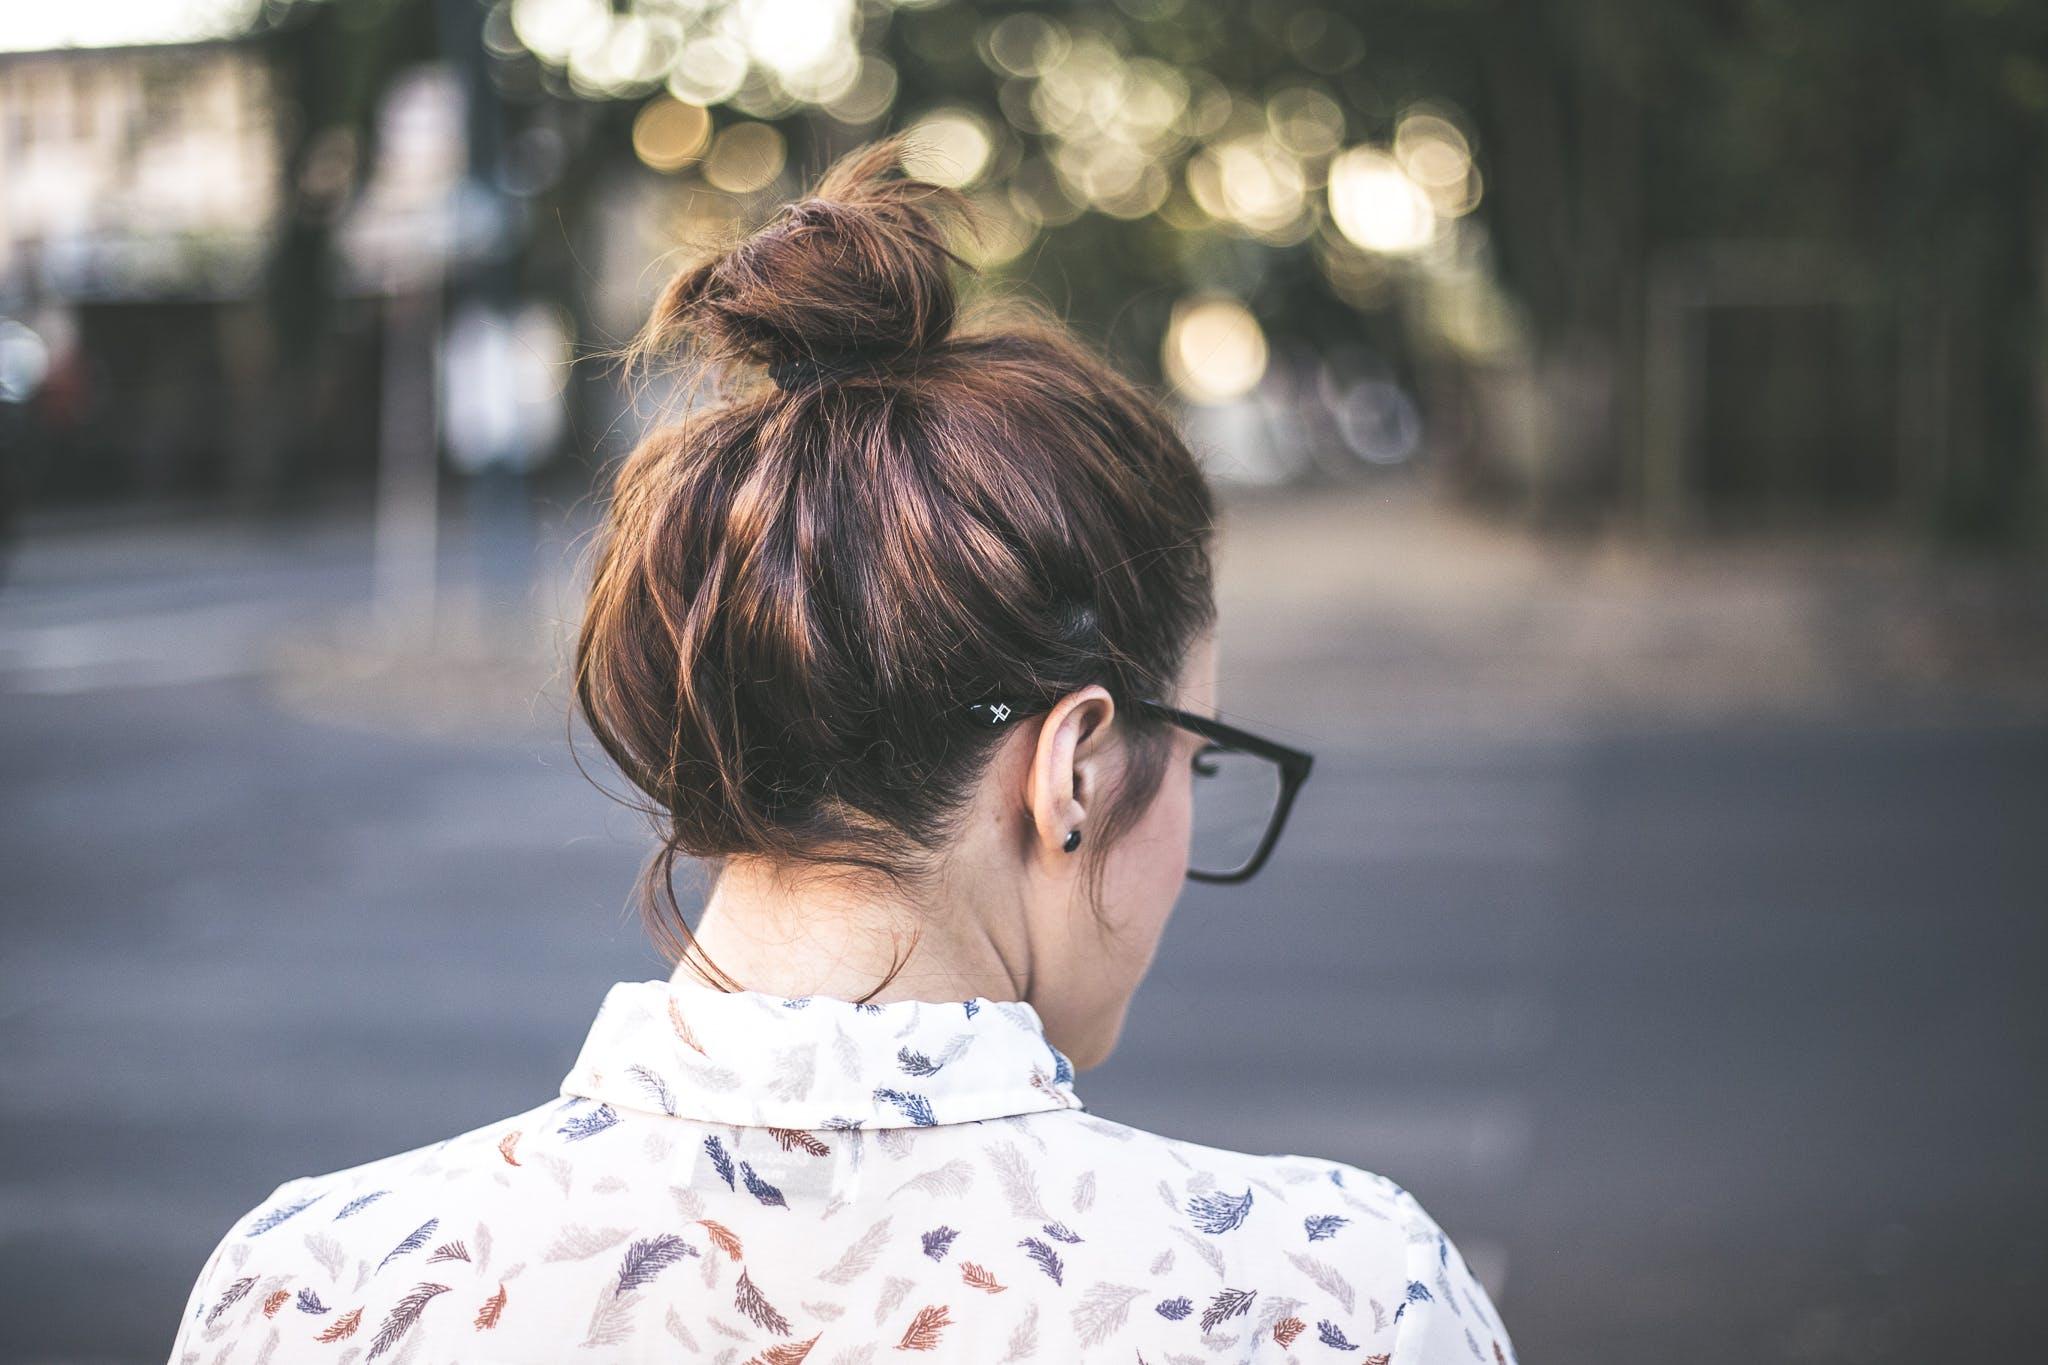 Fotos de stock gratuitas de cabello, chica, concentrarse, de espaldas